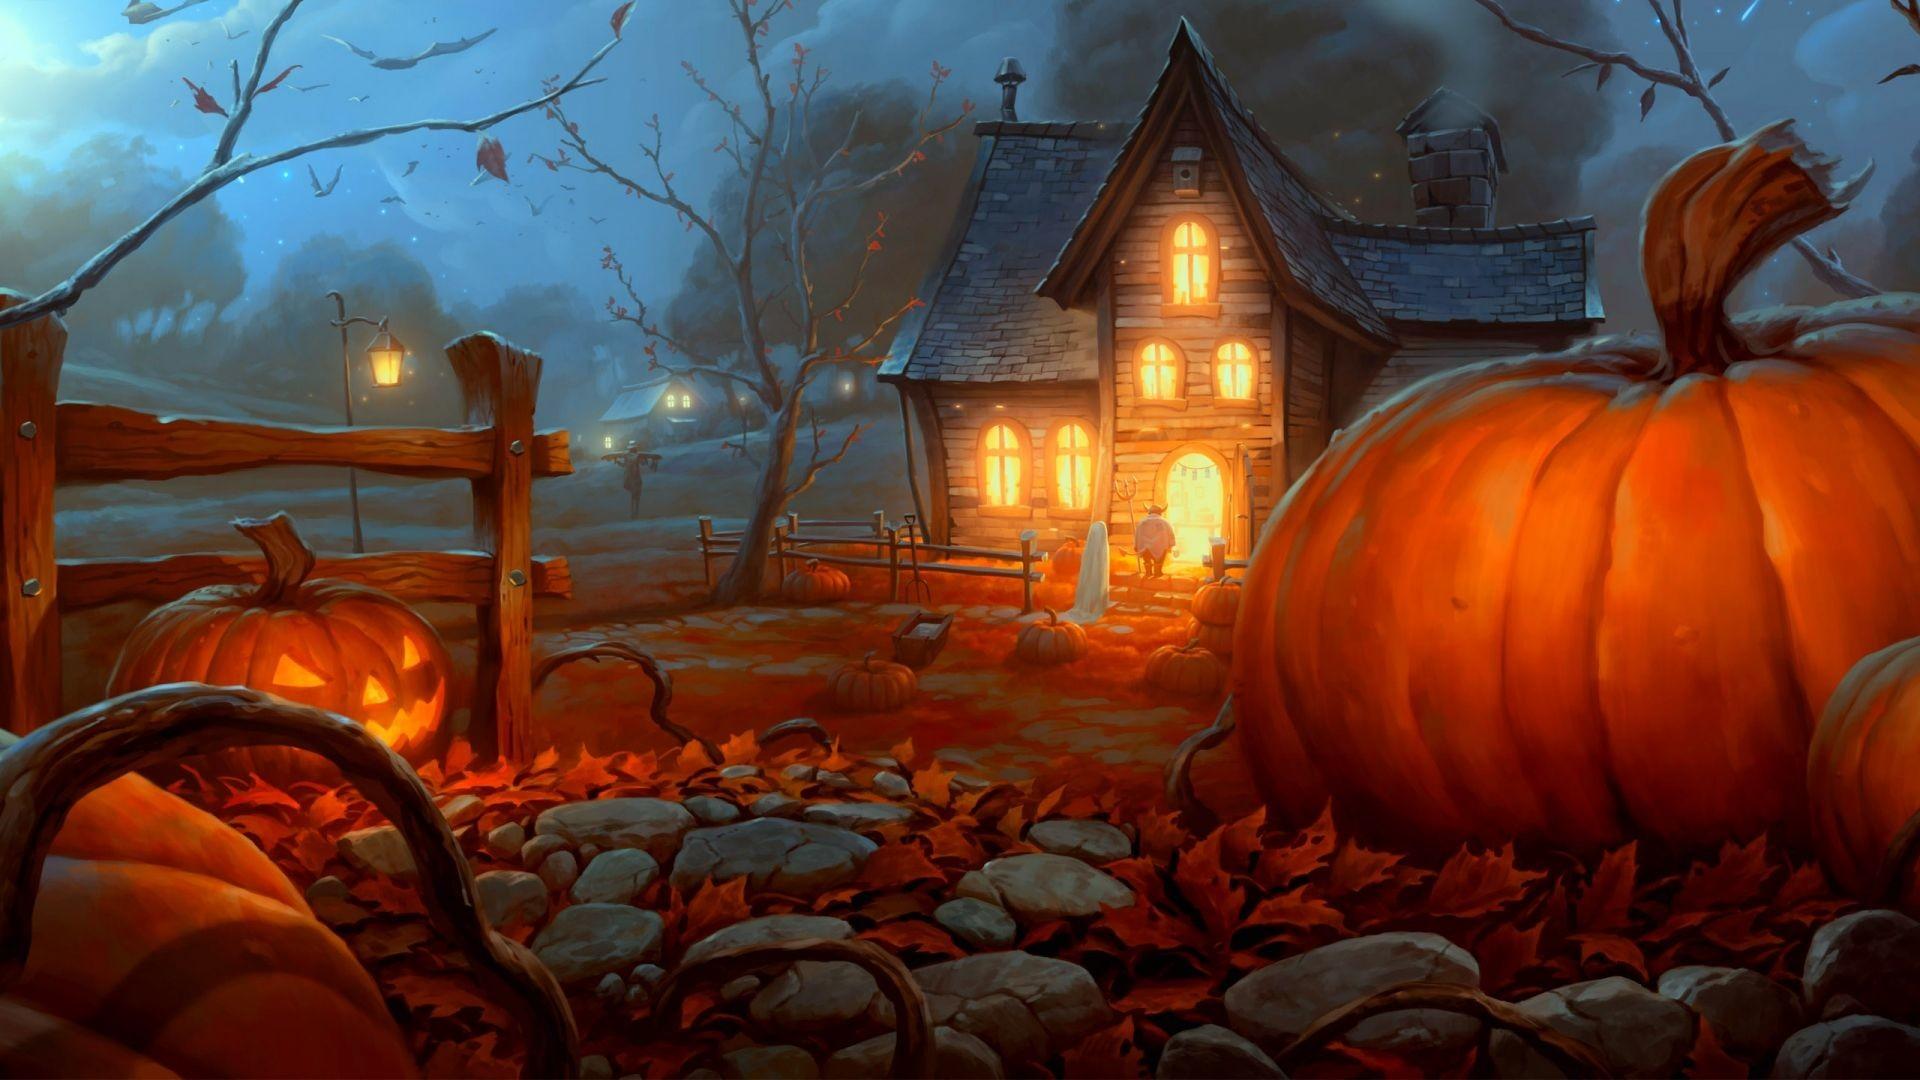 hd halloween wallpaper – Happy Halloween Pictures Images … Hd Halloween  Wallpaper Happy Halloween Pictures Images